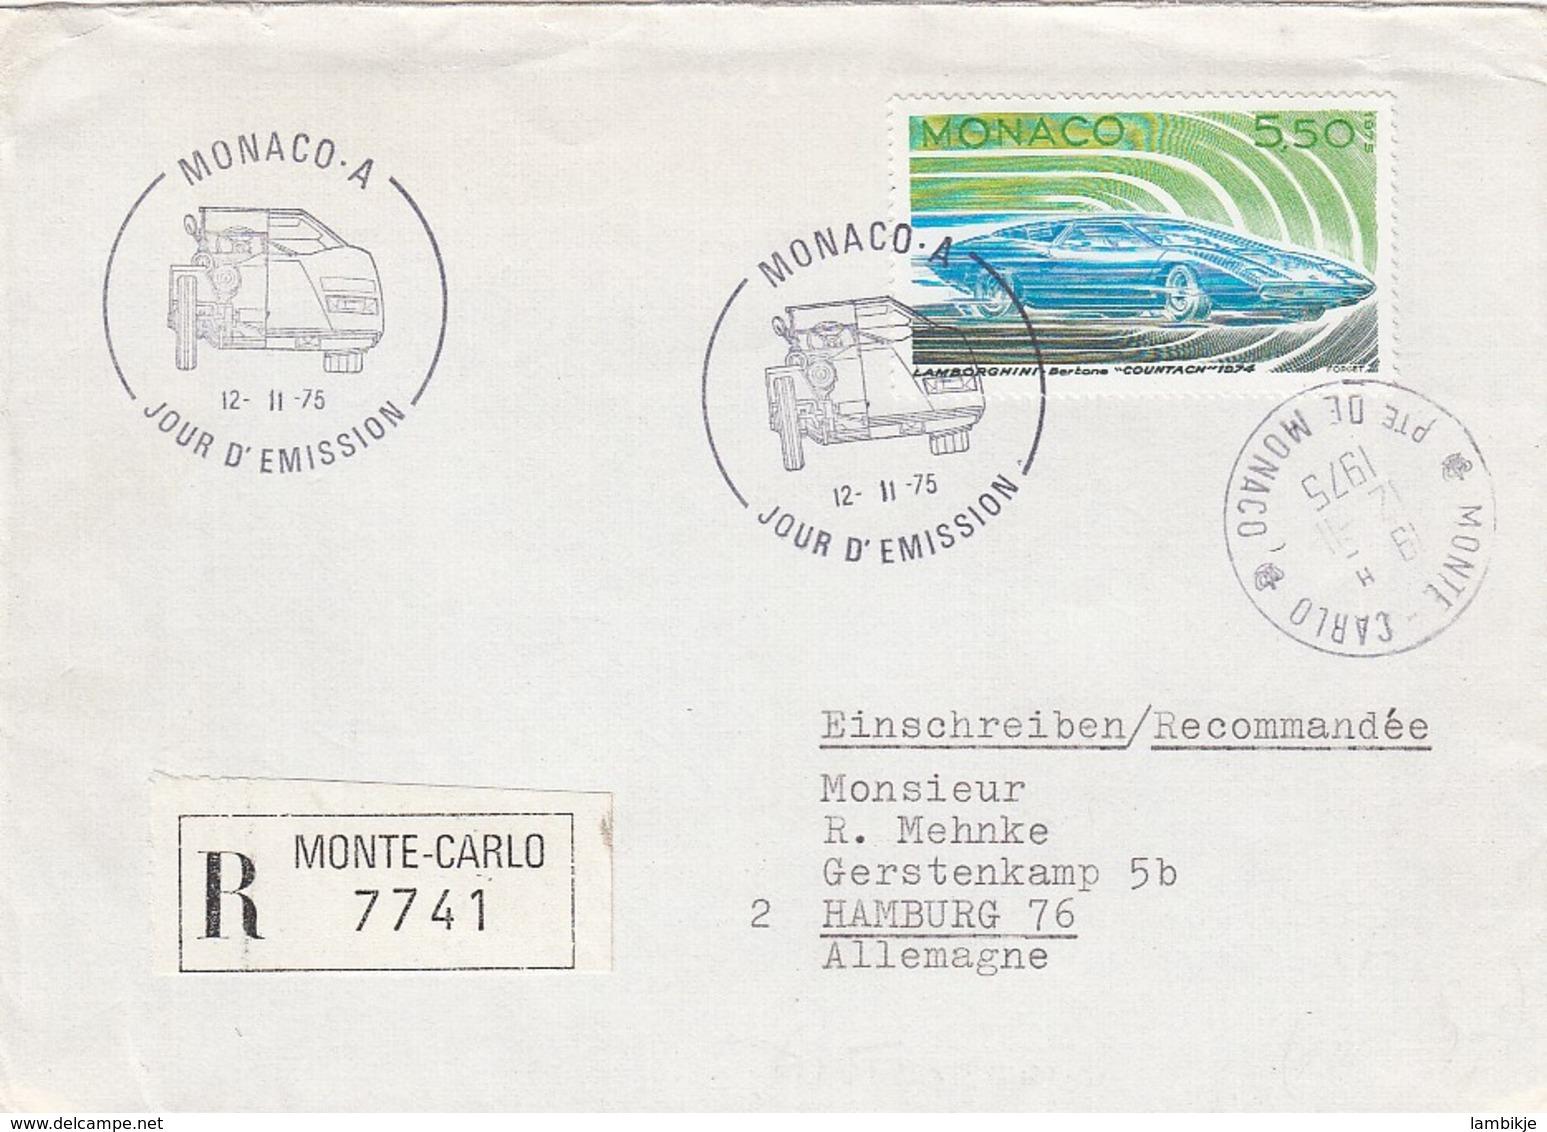 Monaco R Cover 1975 - Monaco